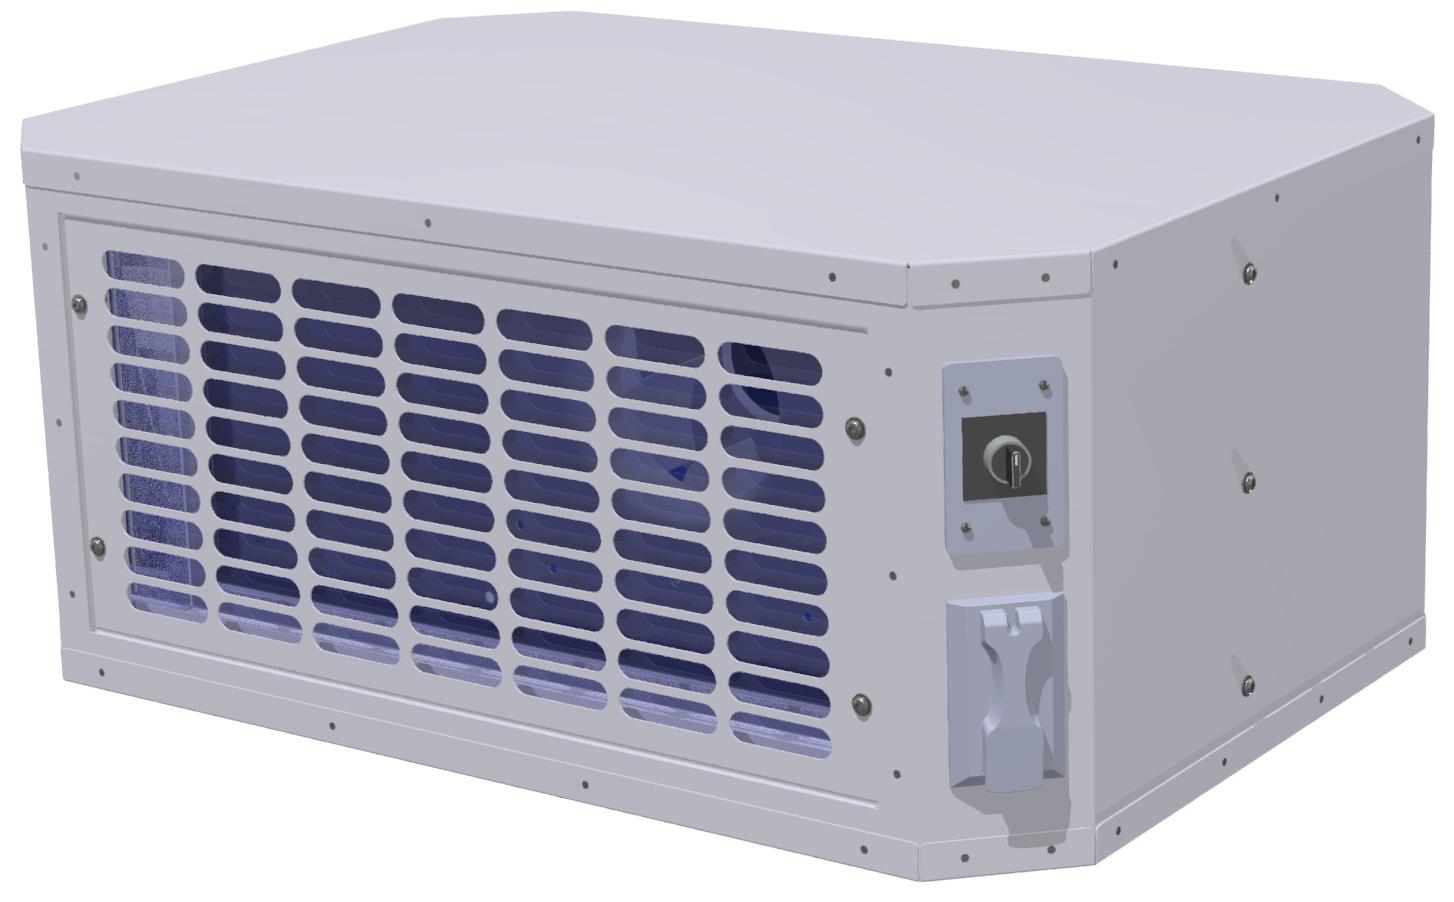 Windows Hepa Filter Fan BKL-WHF-250-110-1-1 - BKL WHF 250 110 1 1 1